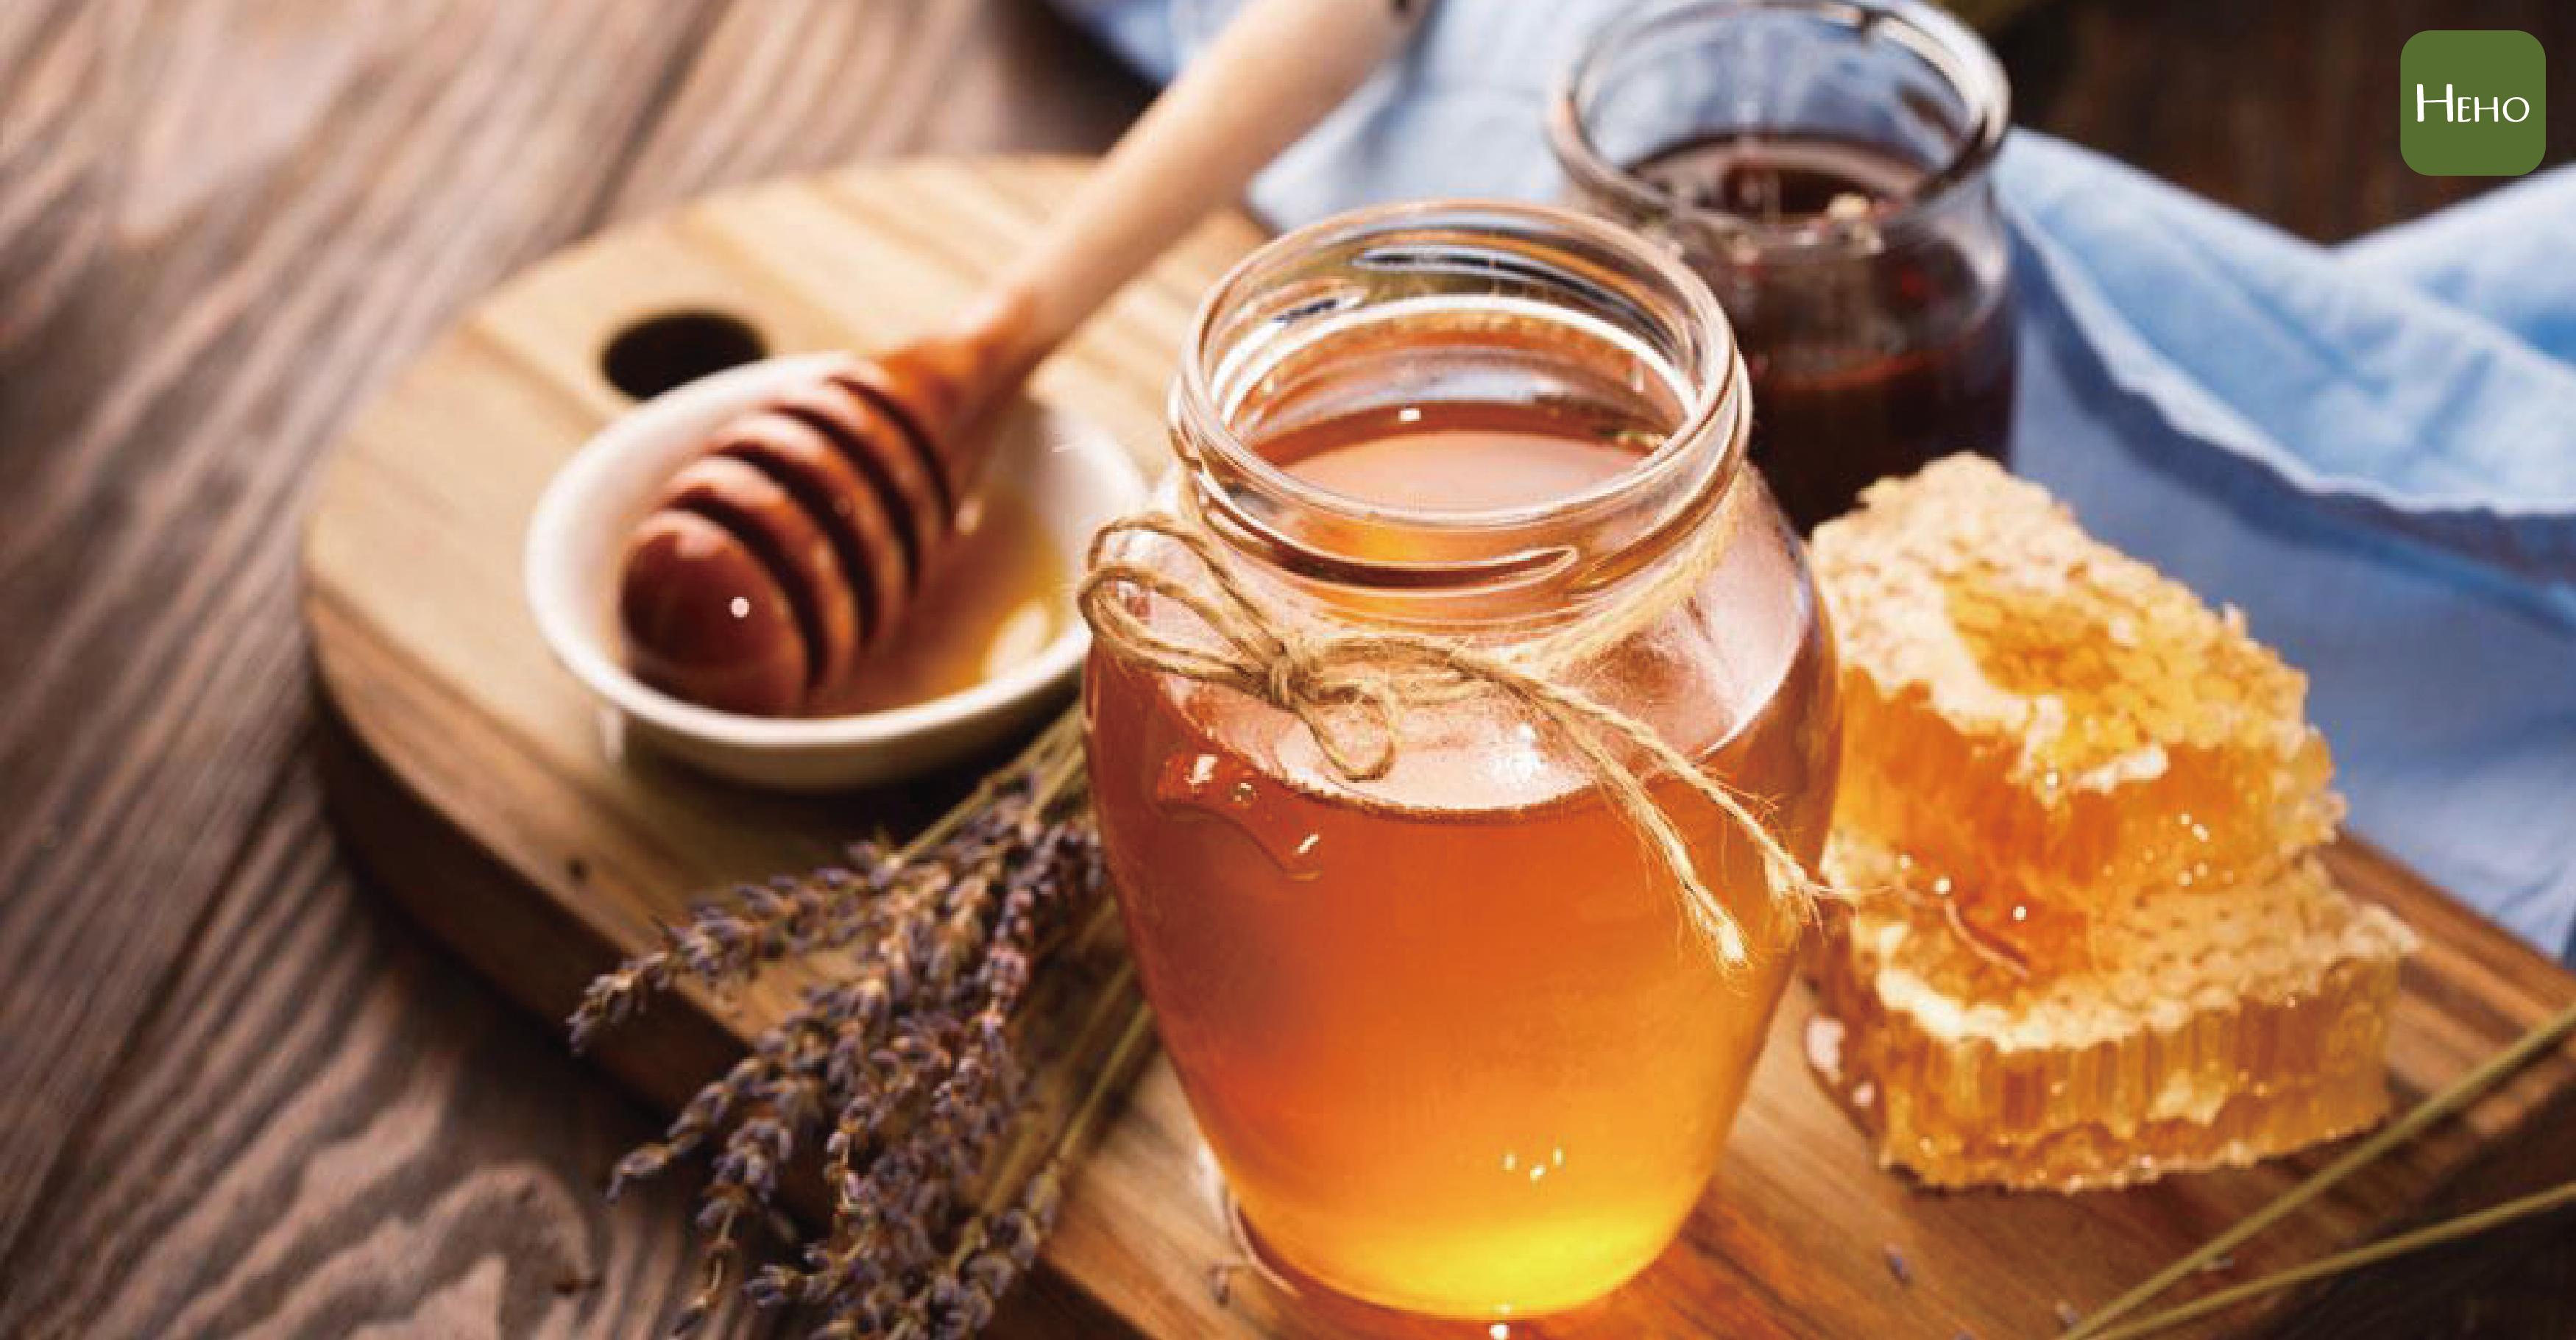 消疲勞、解便秘...蜂蜜這樣搭配保健效果更顯著